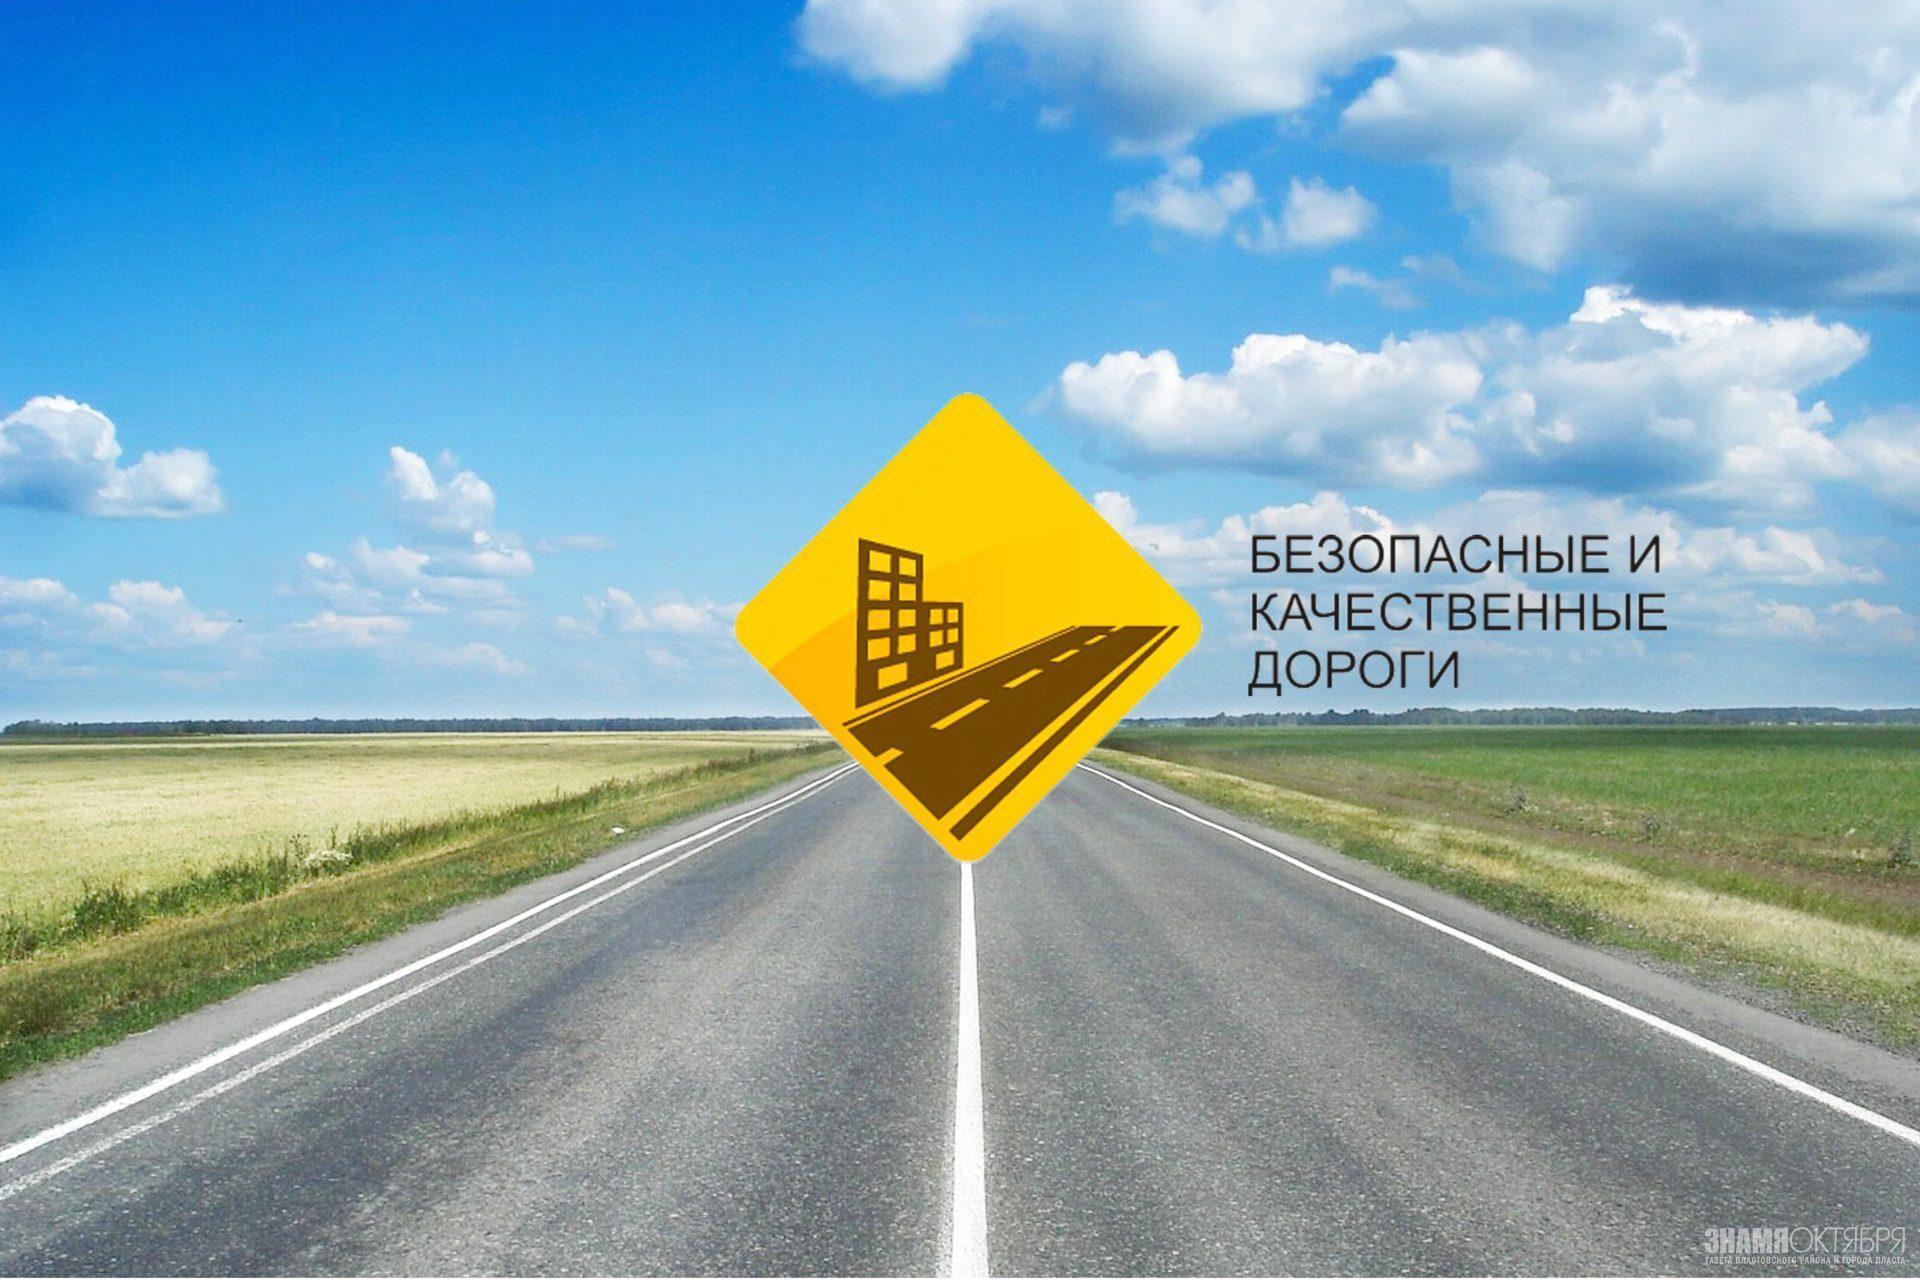 """Нацпроект """"Безопасные и качественные автомобильные дороги""""."""